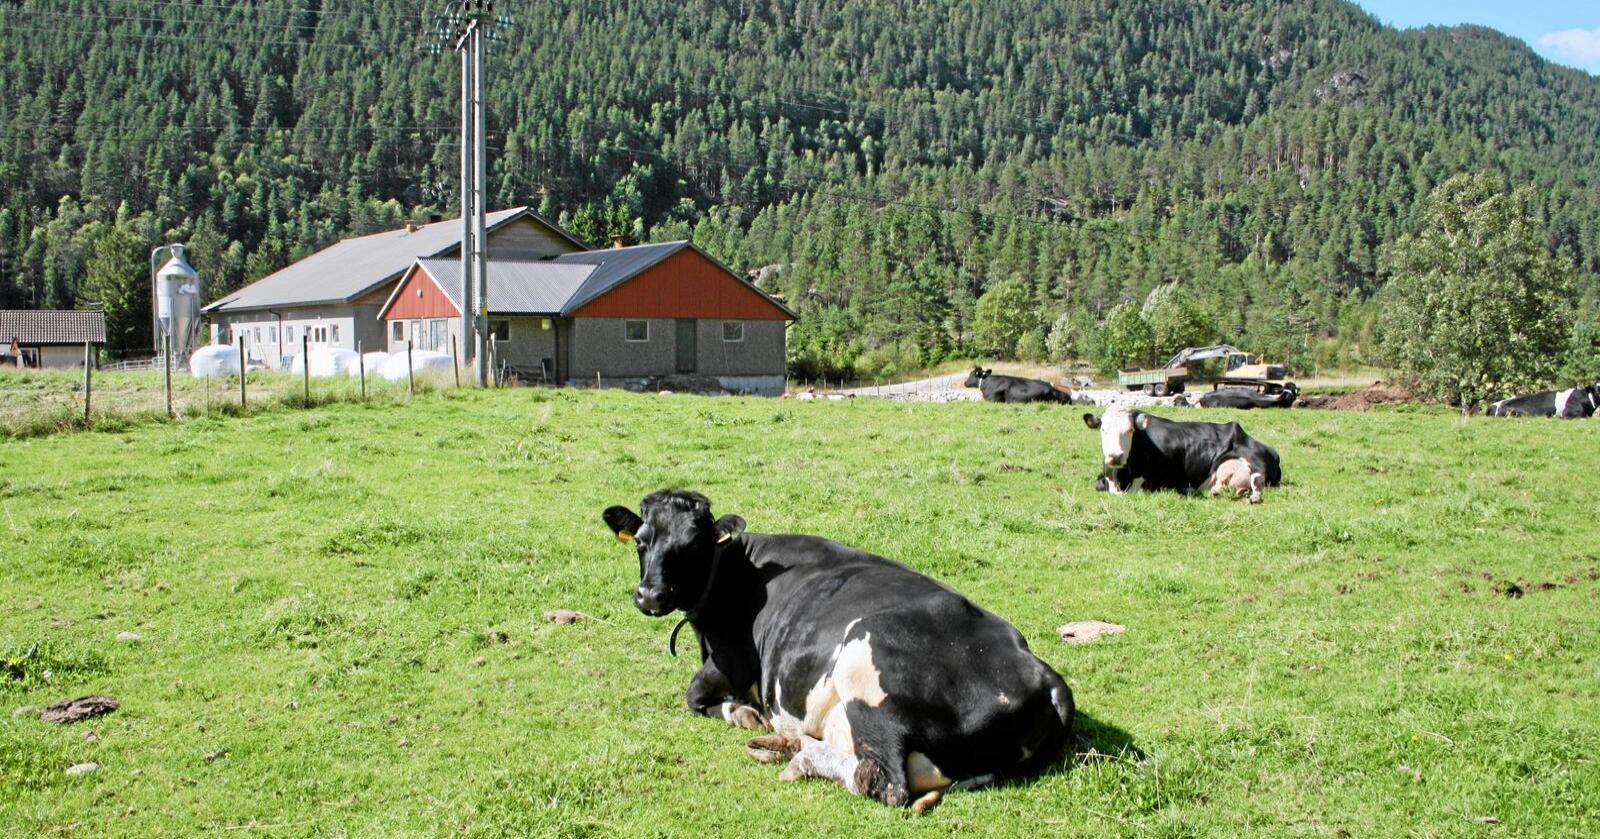 Importvekst: Osteimporten auka med nær seks prosent i fjor og svarar nå til produksjonen frå over 700 norske mjølkebruk eller rundt 10 prosent av den norske mjølkeproduksjonen. Foto: Bjarne Bekkeheien Aase